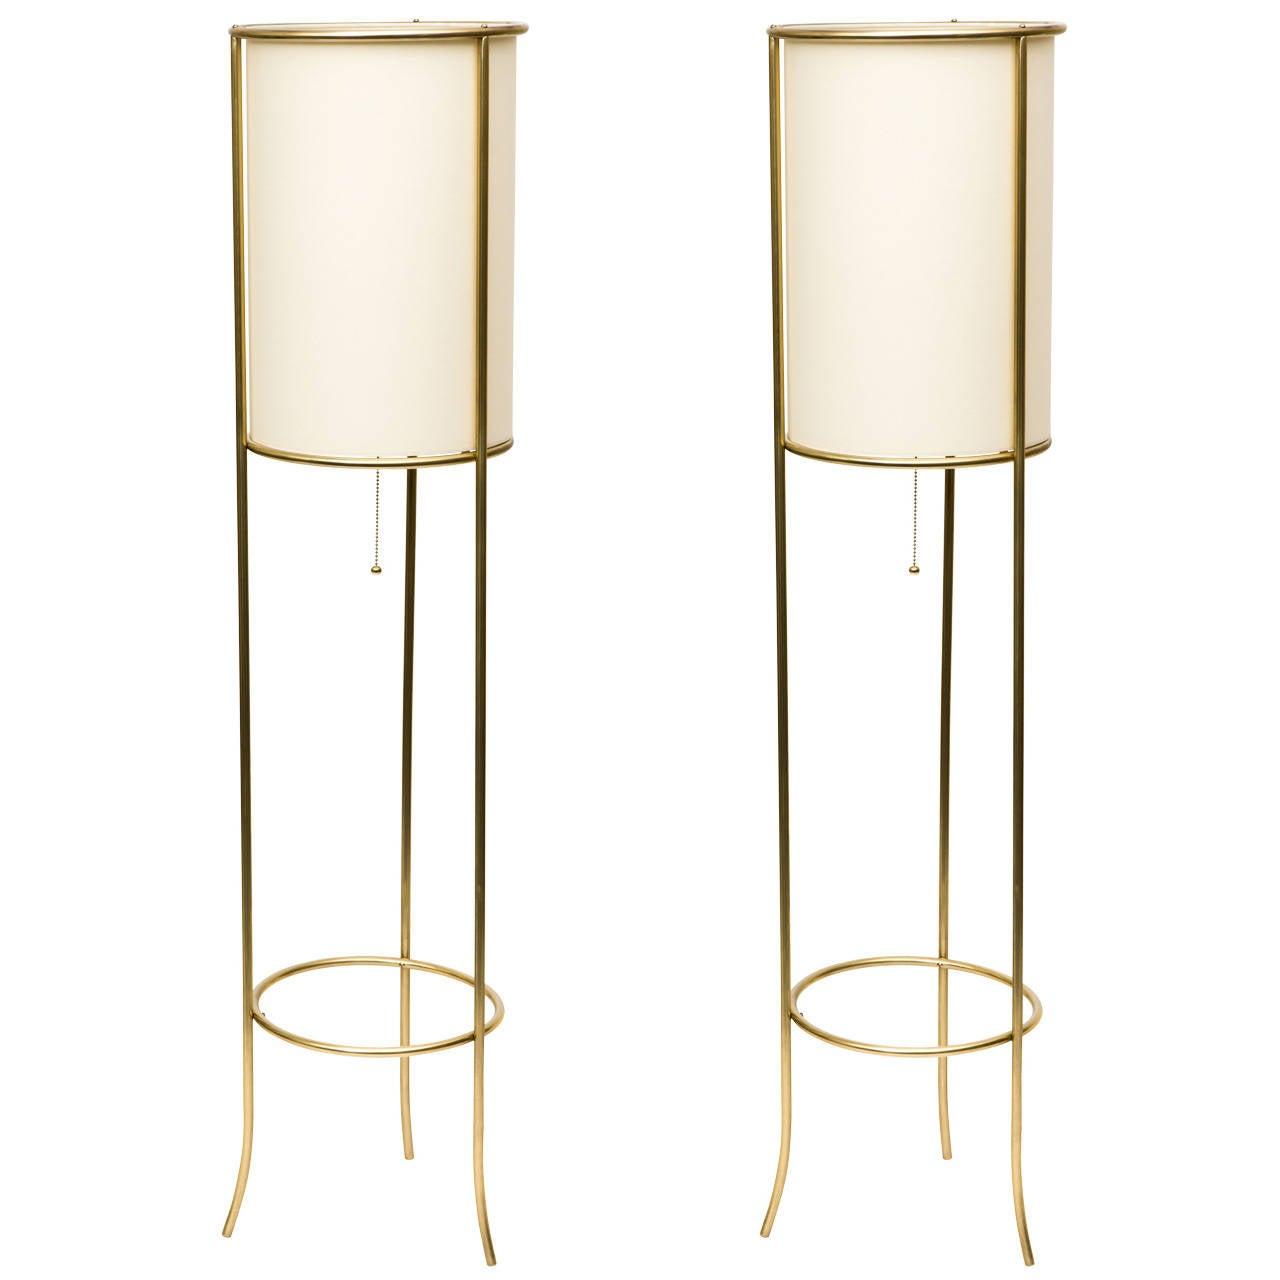 Pair of Tripod Brass Floor Lamps in the Manner of T.H. Robsjohn-Gibbings